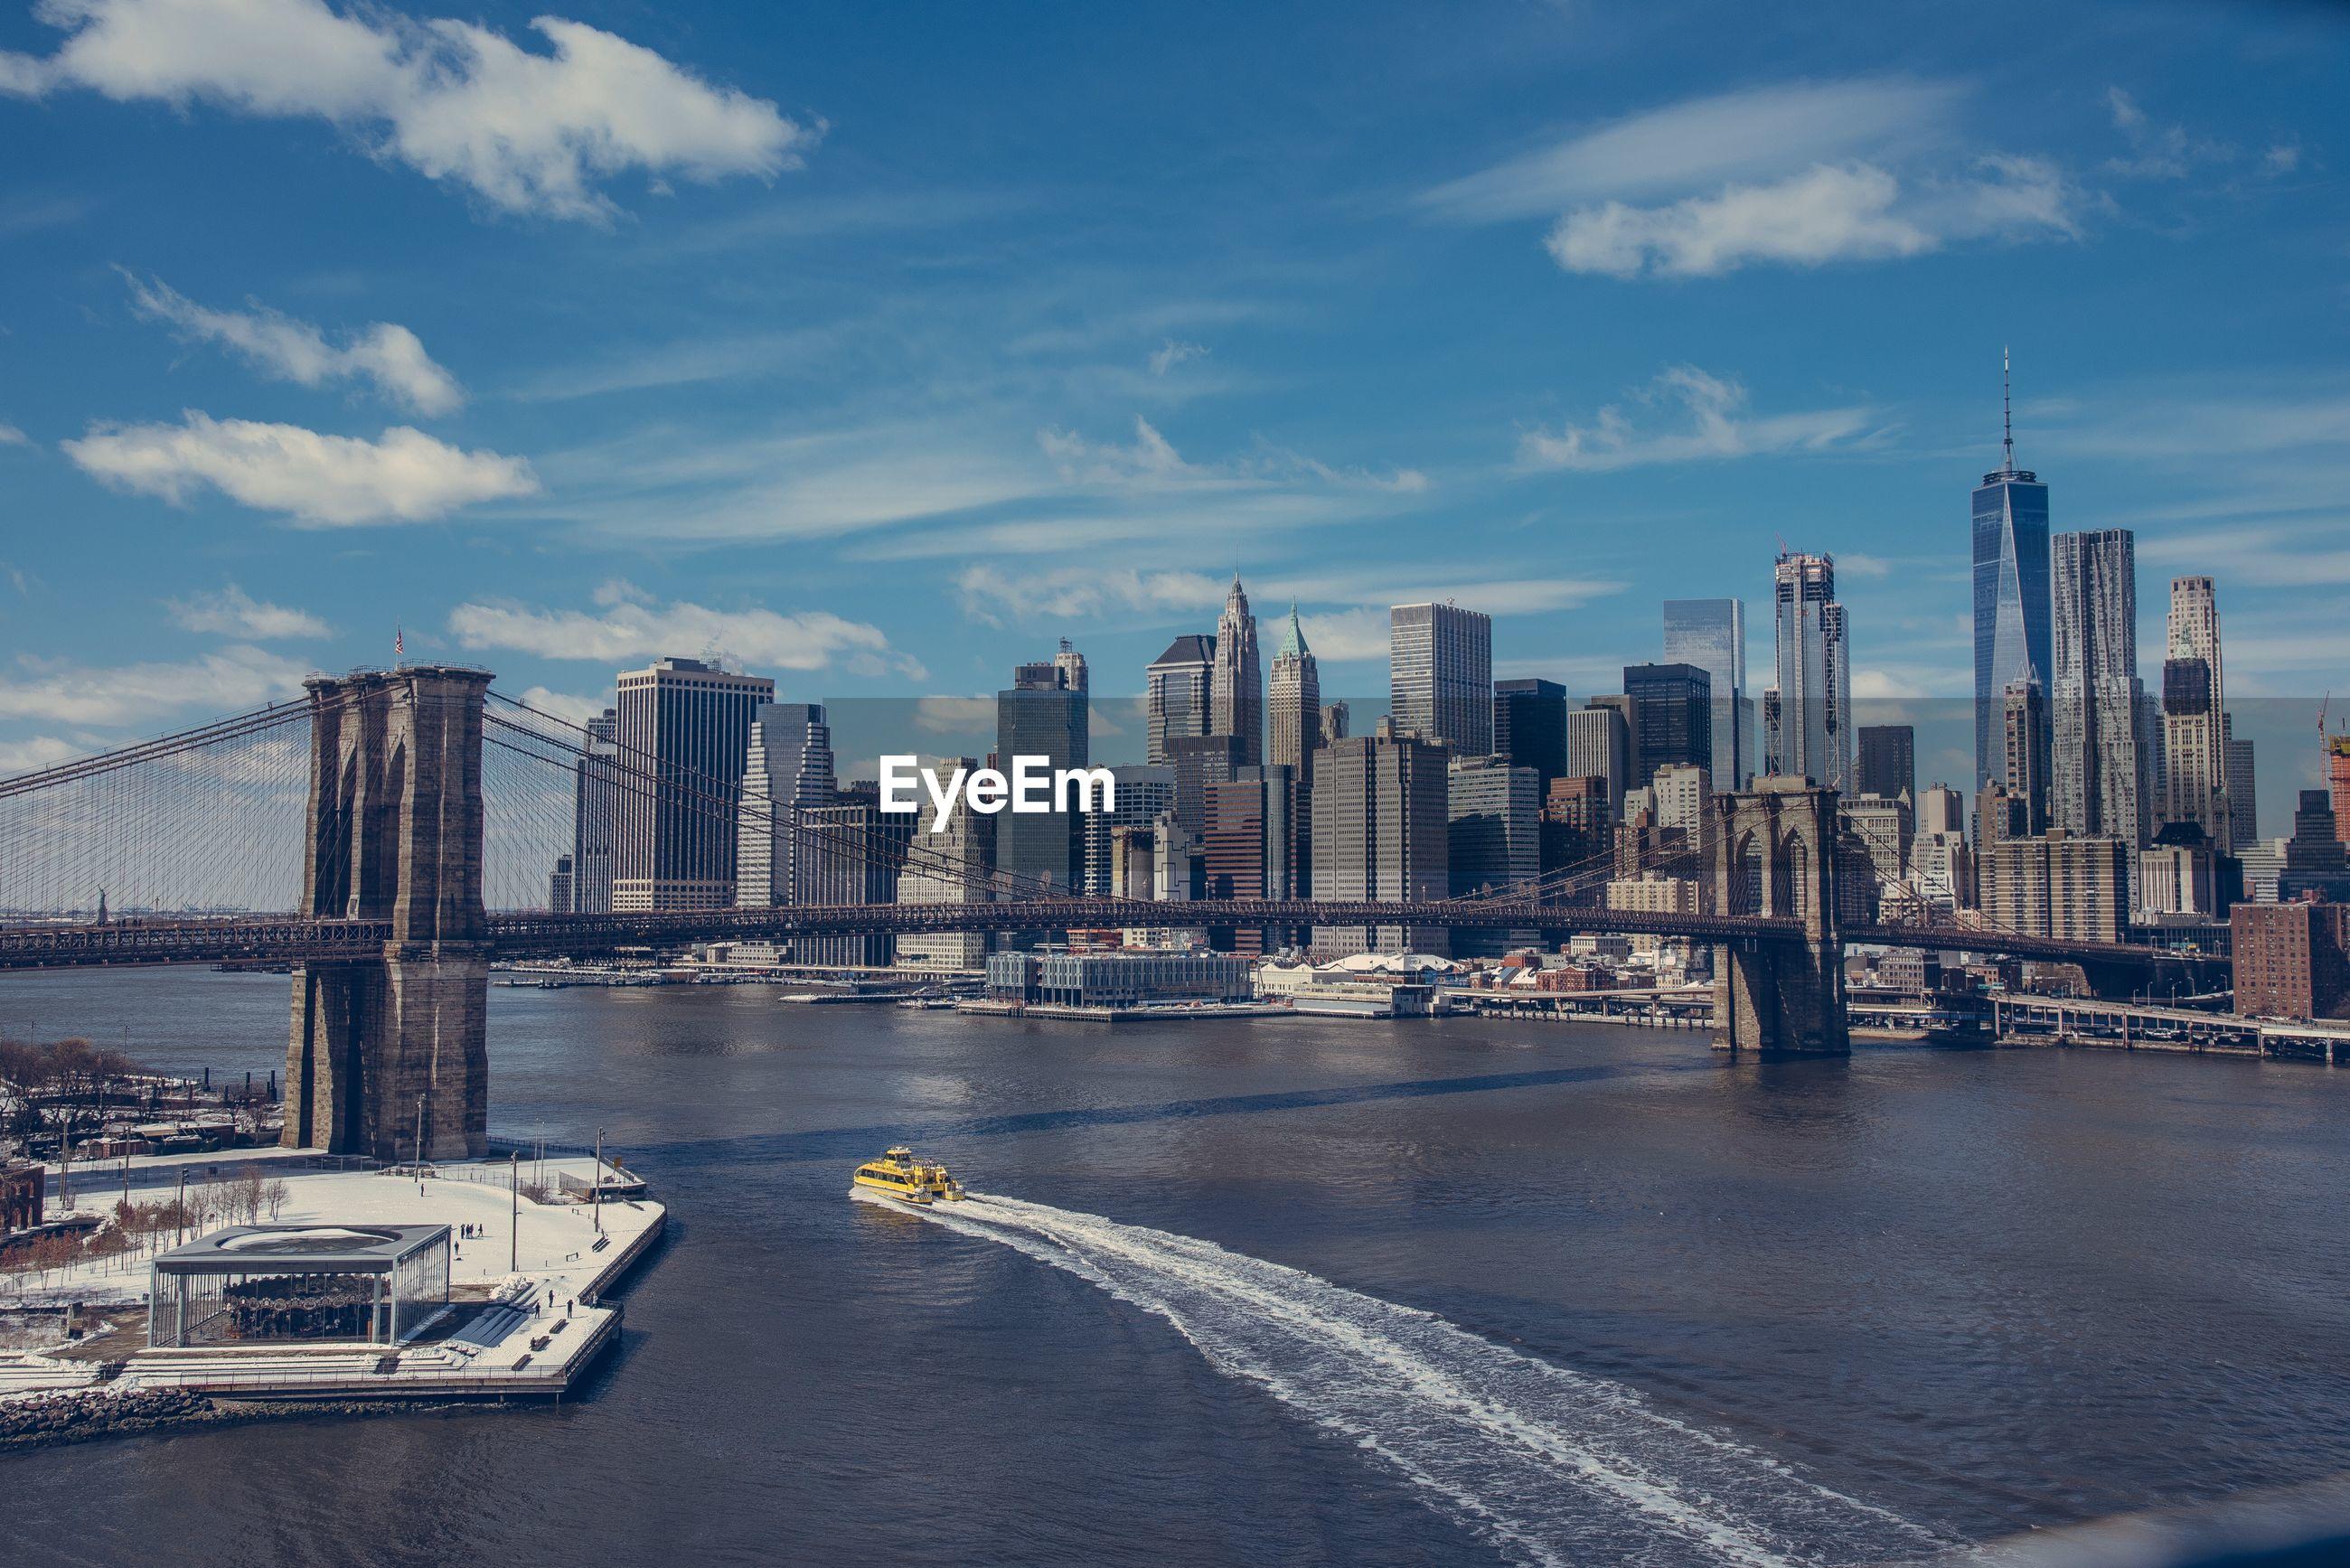 Brooklyn bridge over river by modern buildings against sky